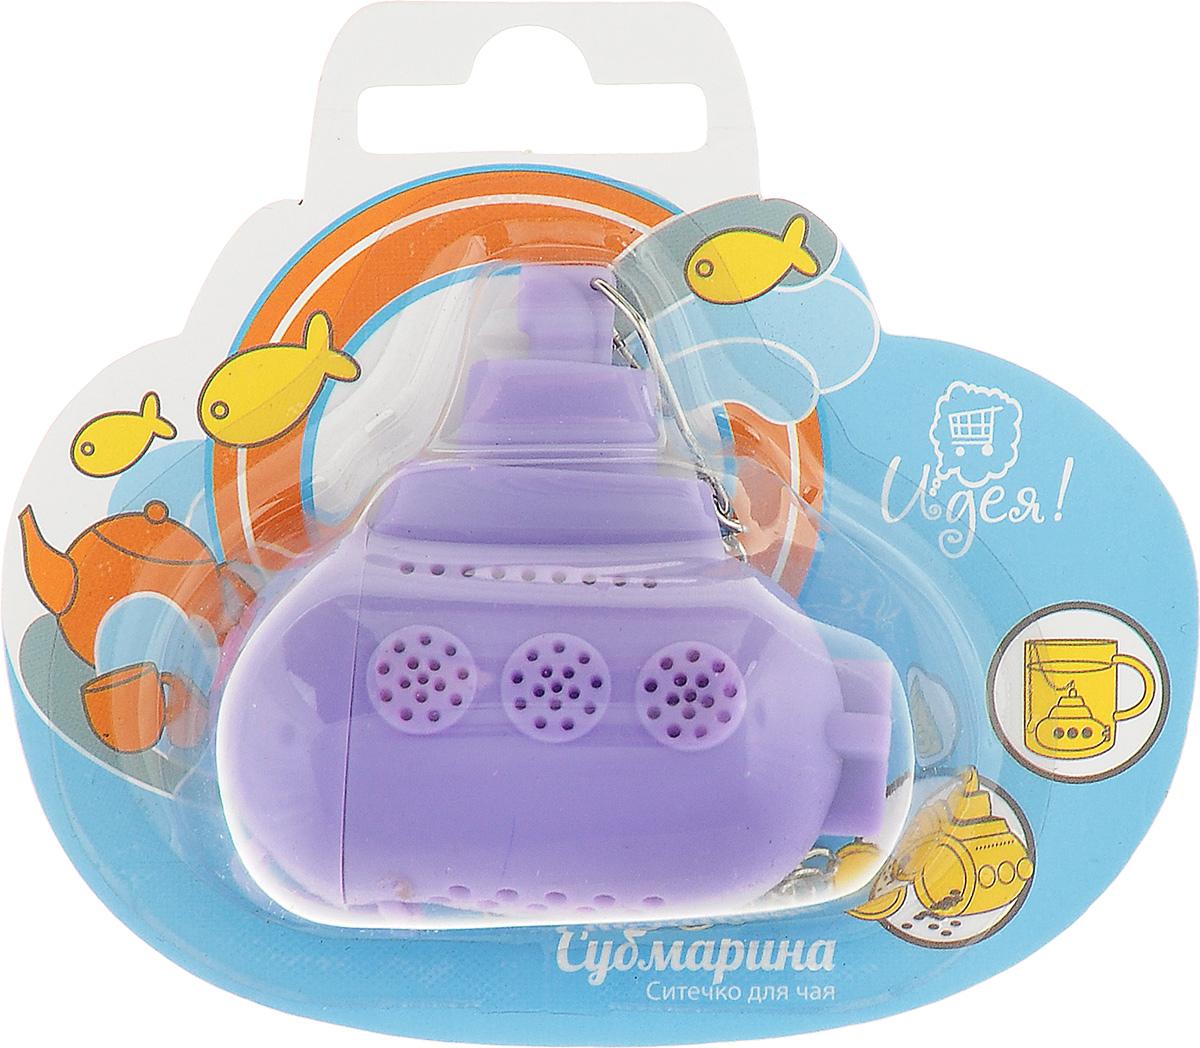 Ситечко для чая Идея Субмарина, цвет: фиолетовыйSBM-01_фиолСитечко Идея Субмарина прекрасно подходит для заваривания любого вида чая. Изделие выполнено из пищевого силикона в виде подводной лодки. Изделием очень легко пользоваться. Просто насыпьте заварку внутрь и погрузите субмарину на дно кружки. Изделие снабжено металлической цепочкой с крючком на конце. Забавная и приятная вещица для вашего домашнего чаепития. Не рекомендуется мыть в посудомоечной машине. Размер фигурки: 6 см х 5,5 см х 3 см.